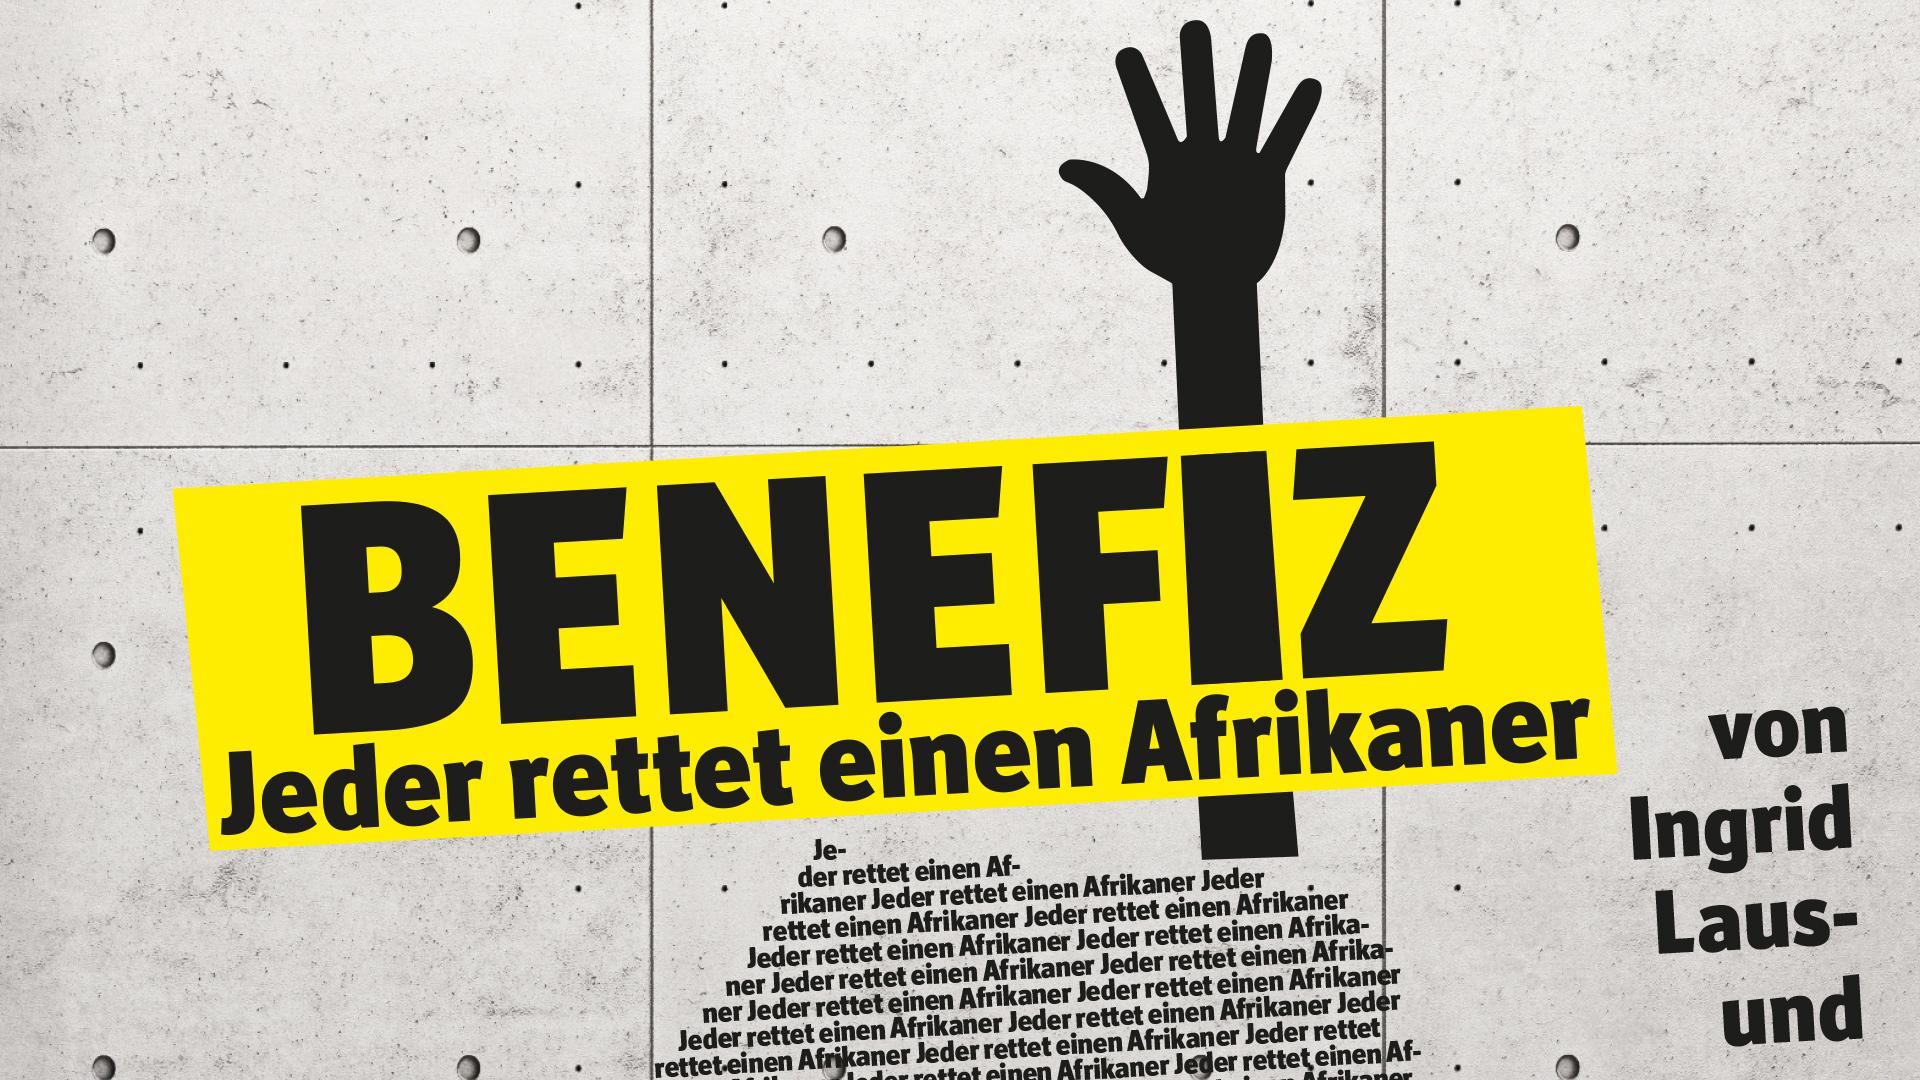 Wiederaufnahme: Benefiz - Jeder rettet einen Afrikaner